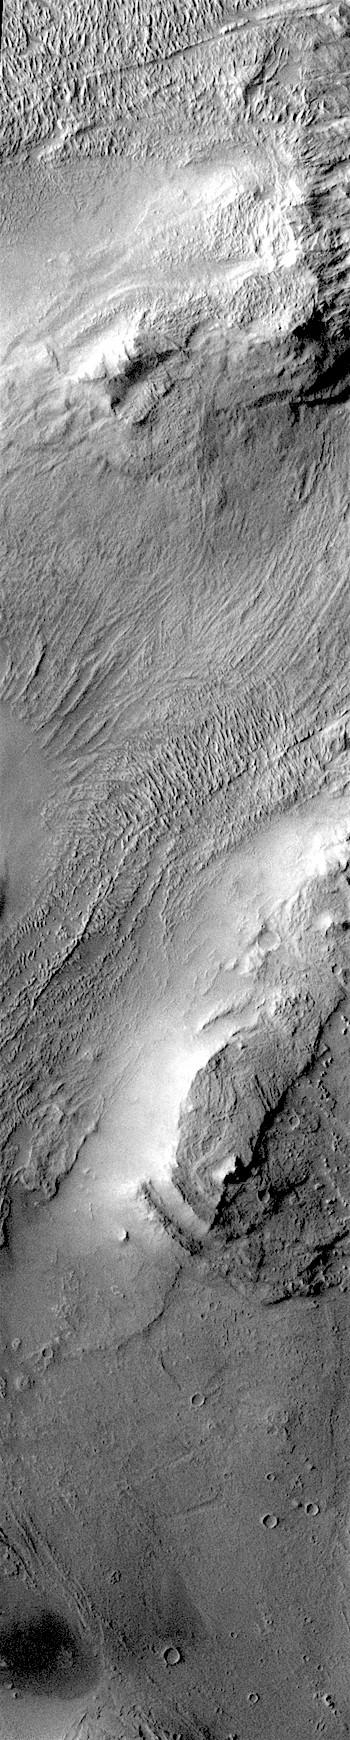 Hills and landslide debris on Melas Chasma floor (THEMIS_IOTD_20171201)